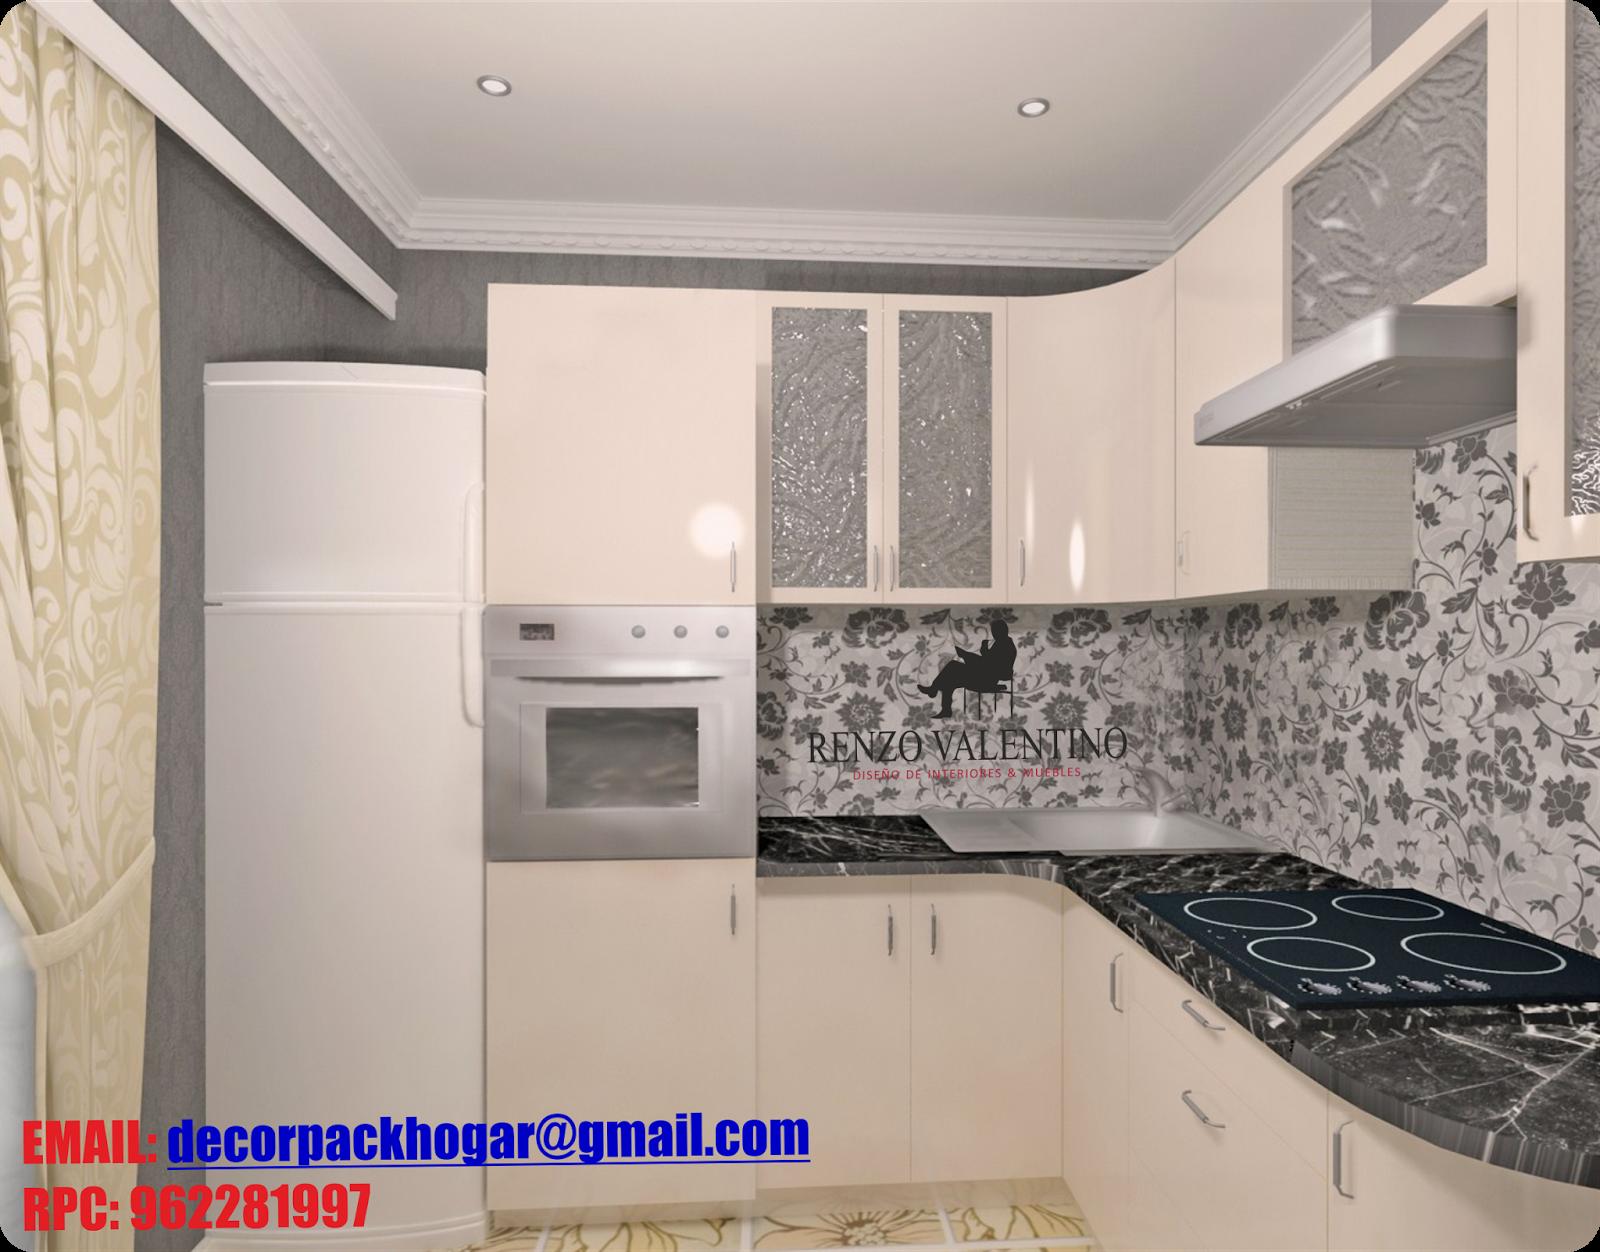 Dise os fabricacion de closet cocina y muebles de oficina for Reposteros para cocina en melamina